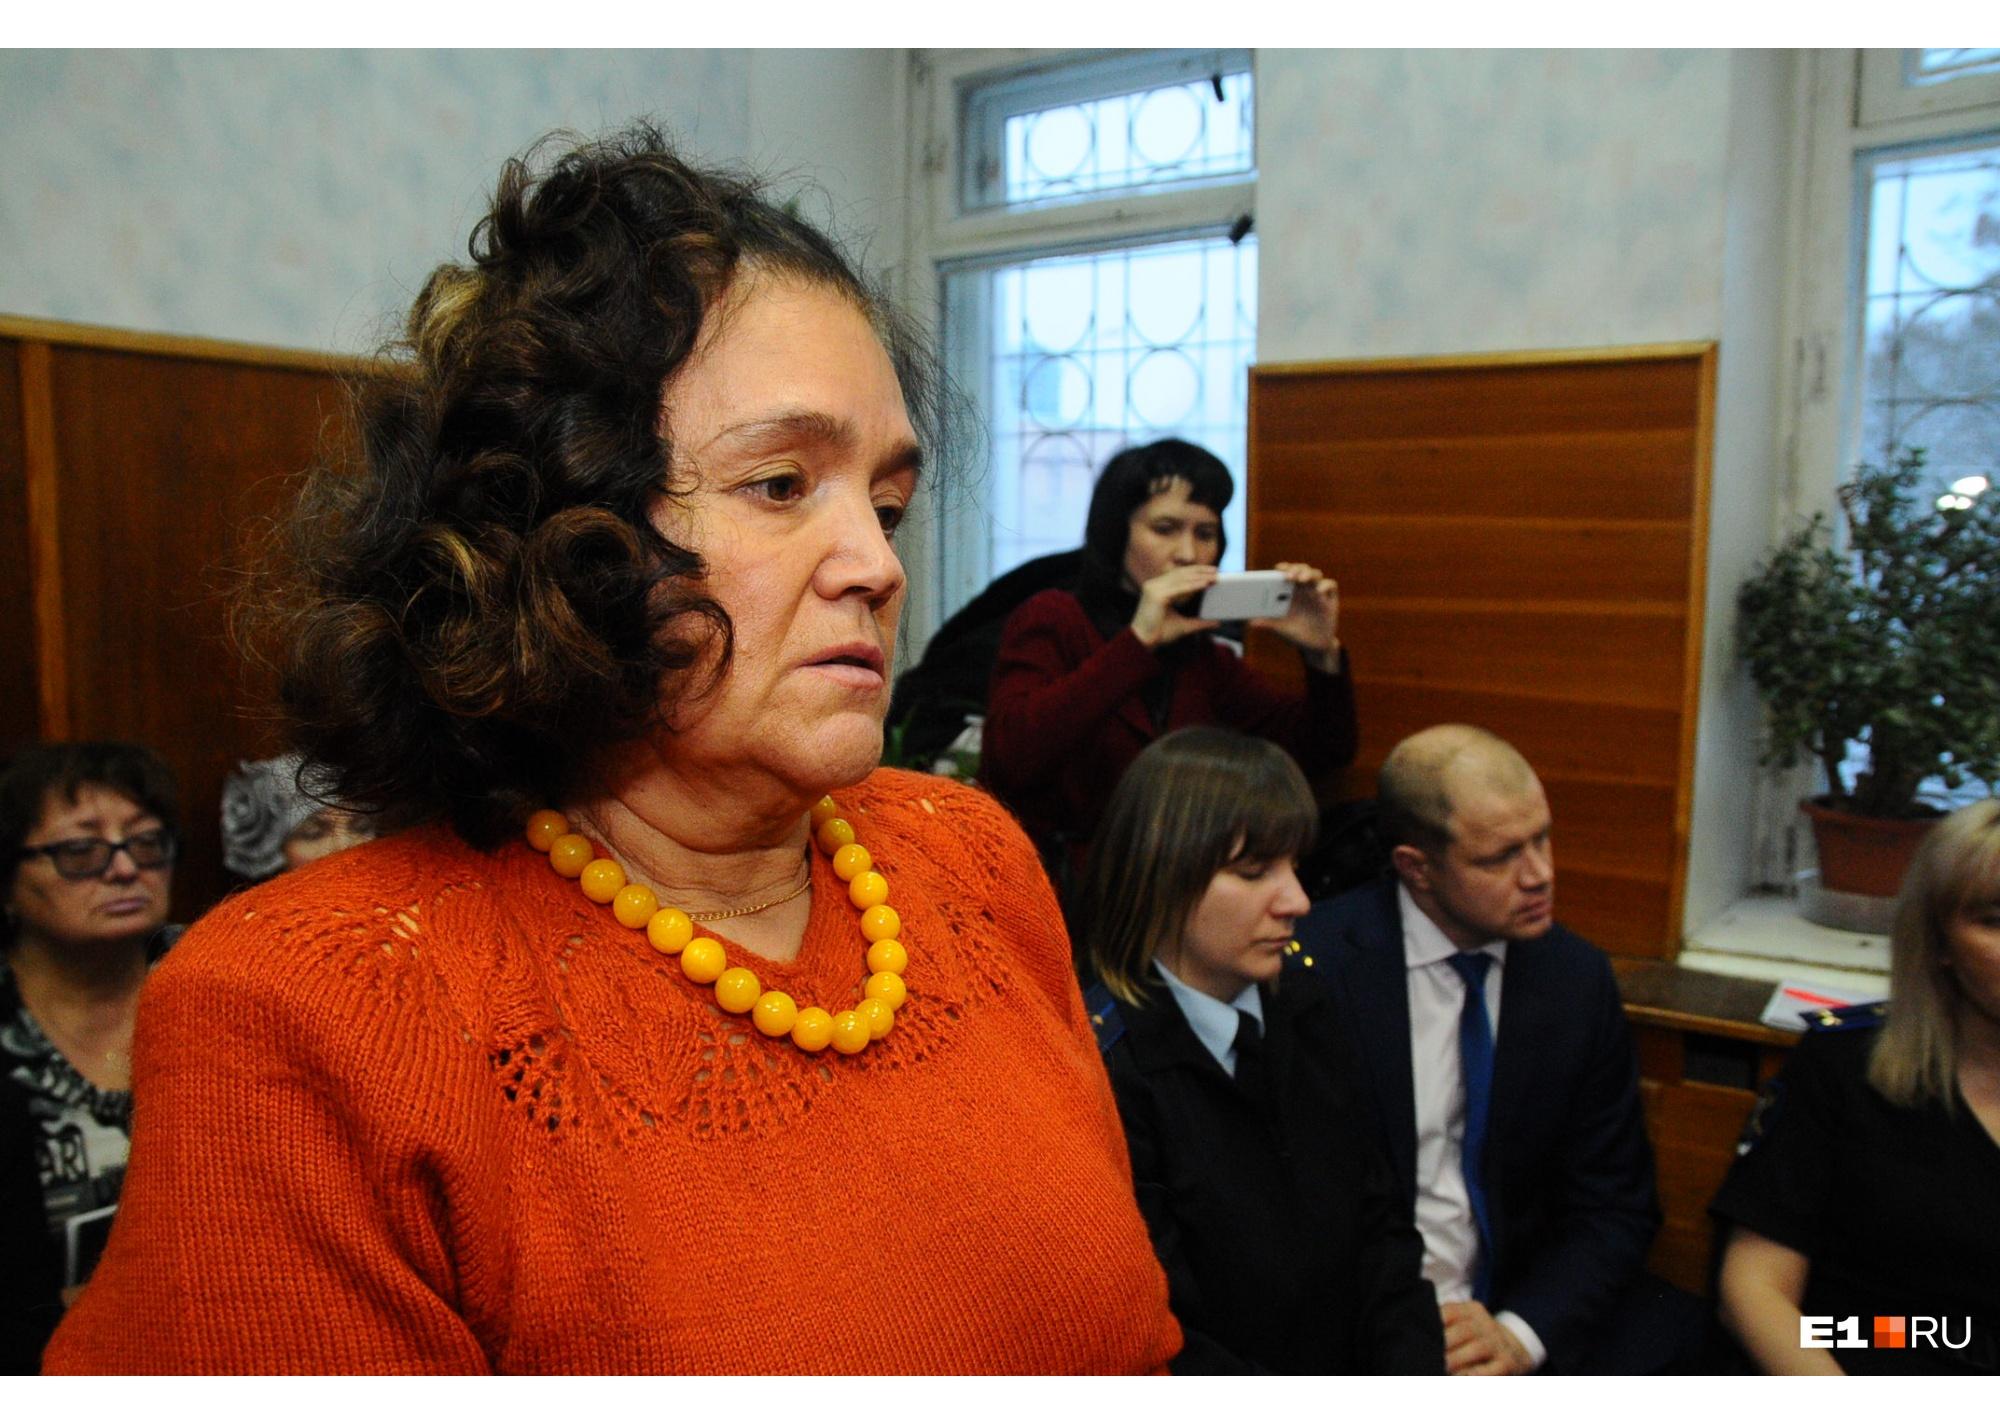 Зиля Булатова тоже проходила по уголовному делу, ей назначили штраф